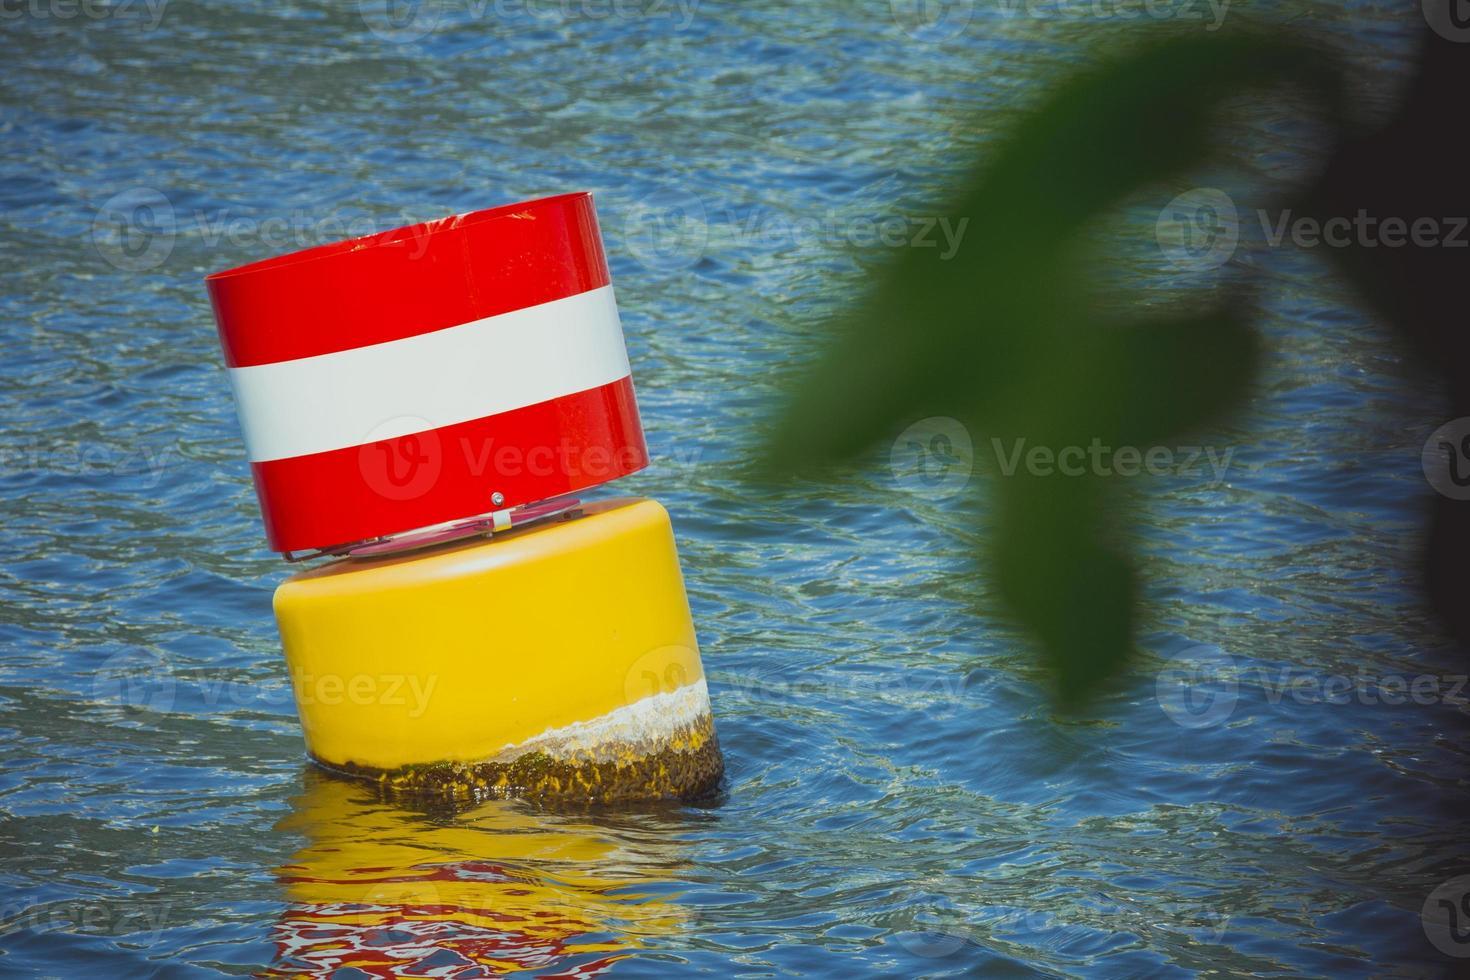 gul röd och vitt stål navigerande flytande boj i det blå havsvattnet foto